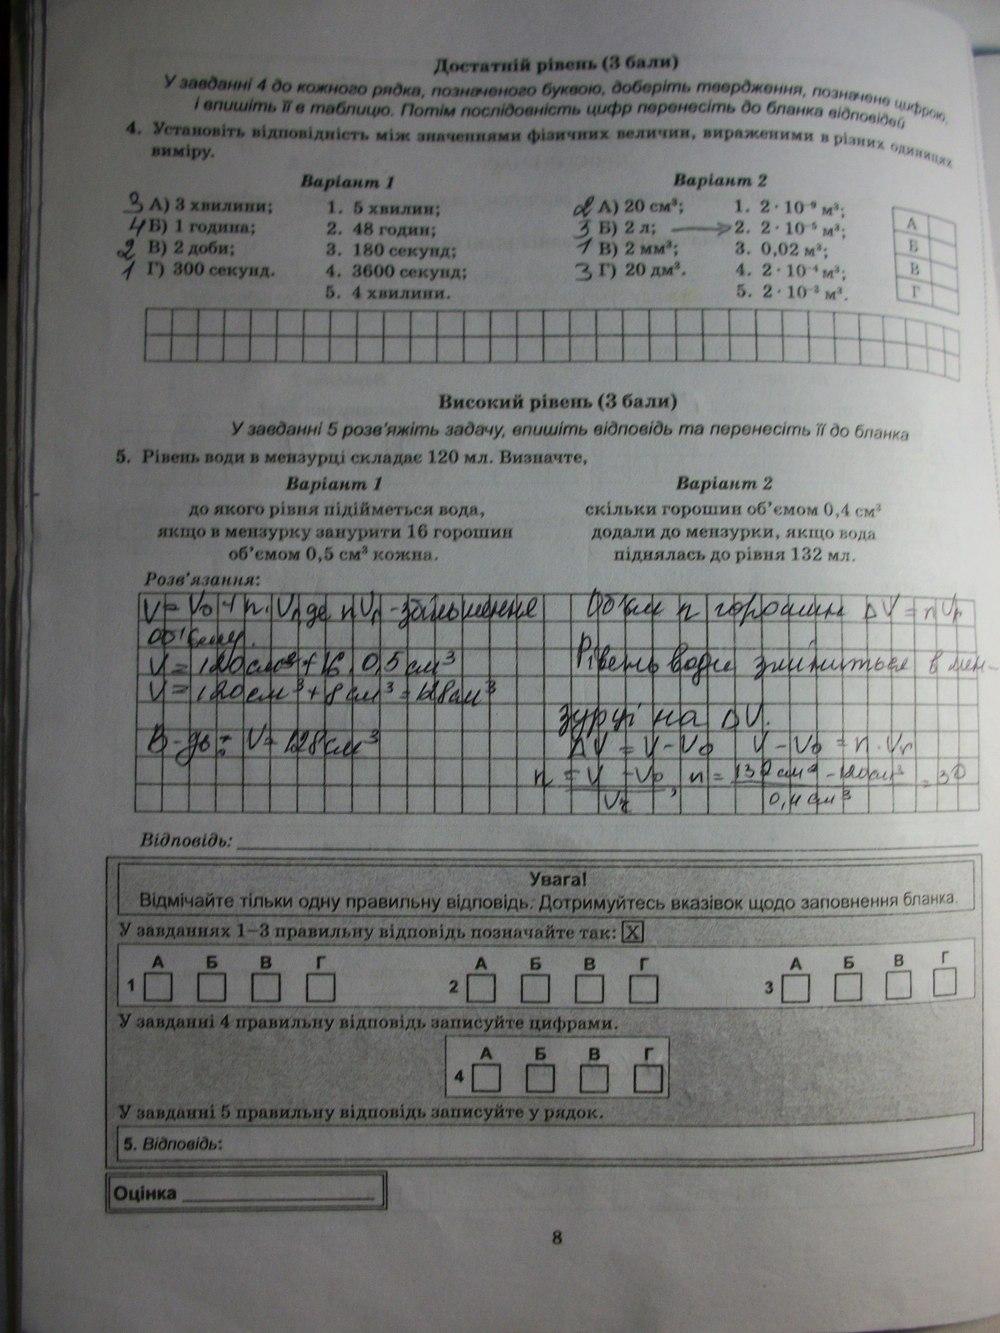 ГДЗ по физике 7 класс Чертіщева М. О.. Задание: стр. 8